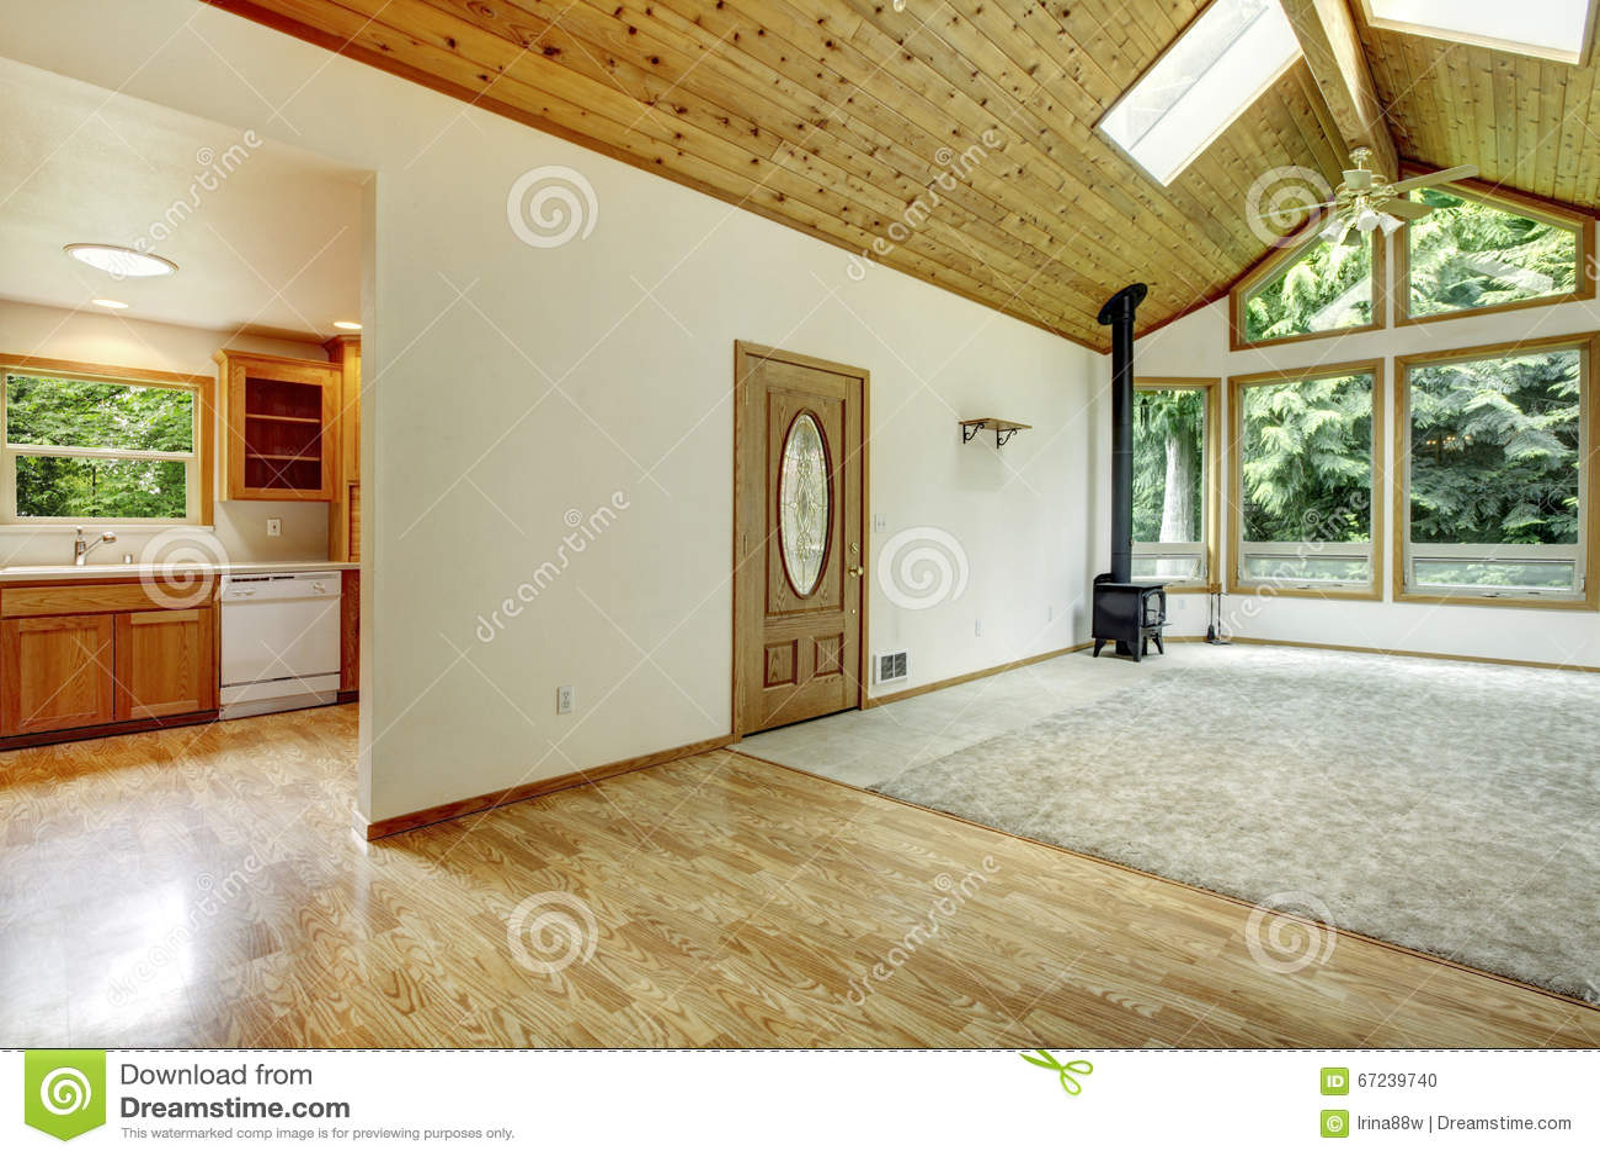 Lege woonkamer met verbonden keuken, gewelfd houten plafond, en ...